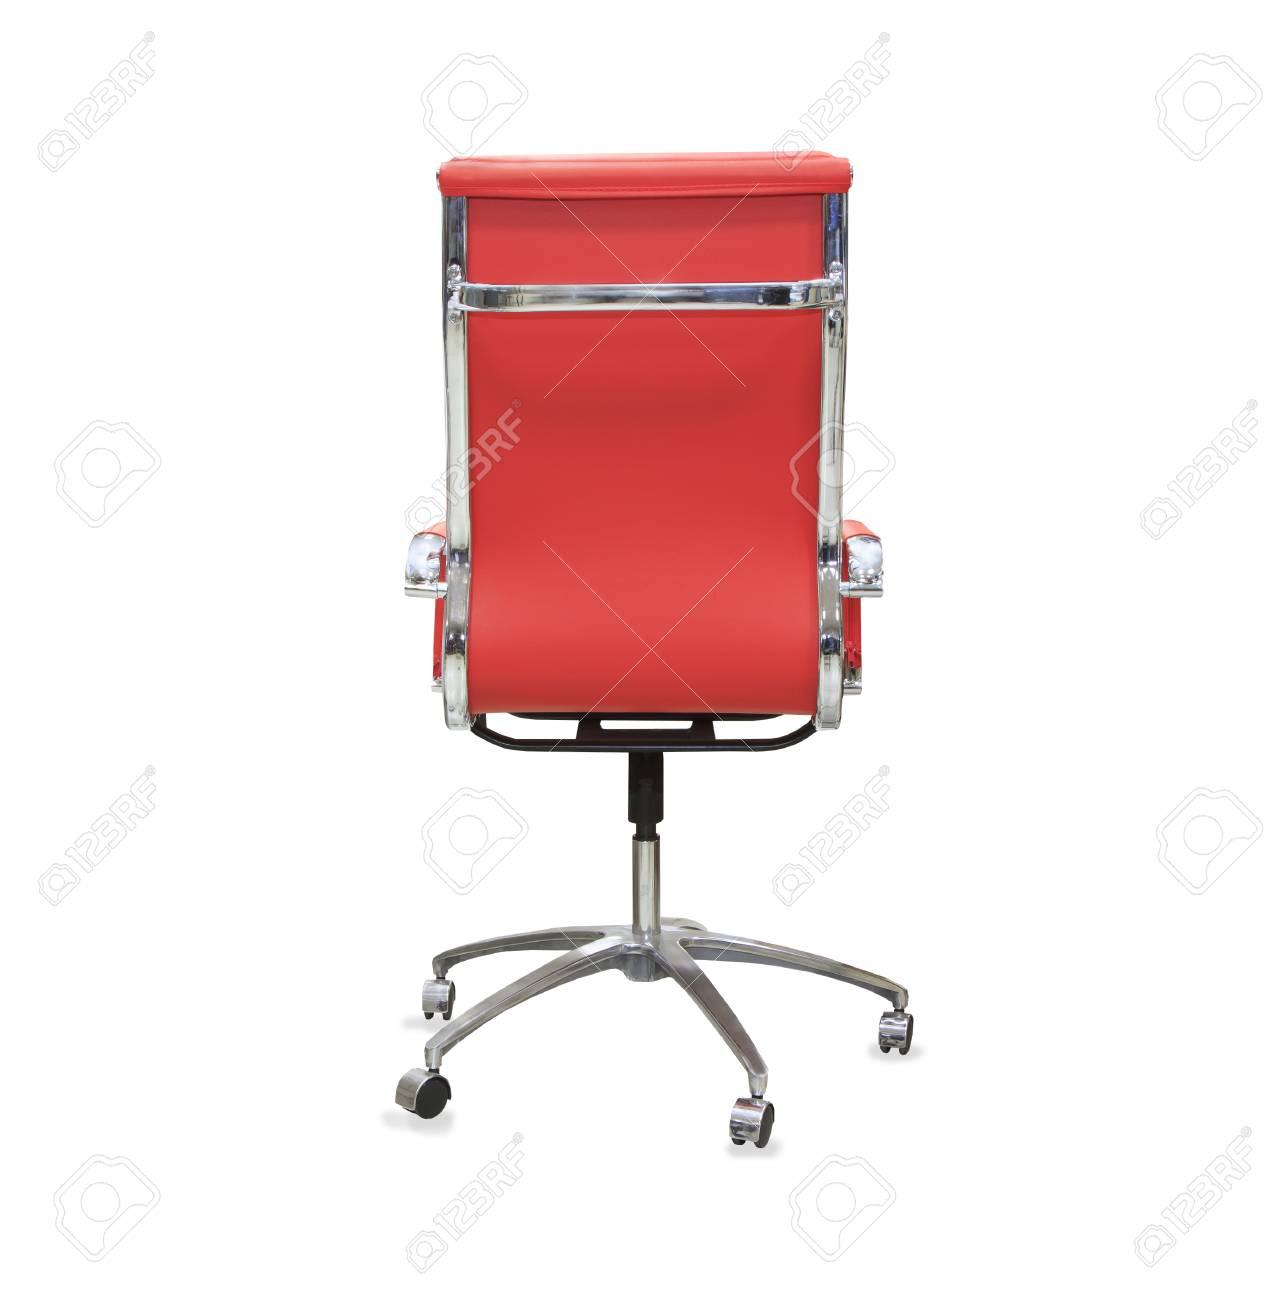 Bureau De Moderne Chaise RougeIsolé Cuir La Vue Dos sxQCthrd